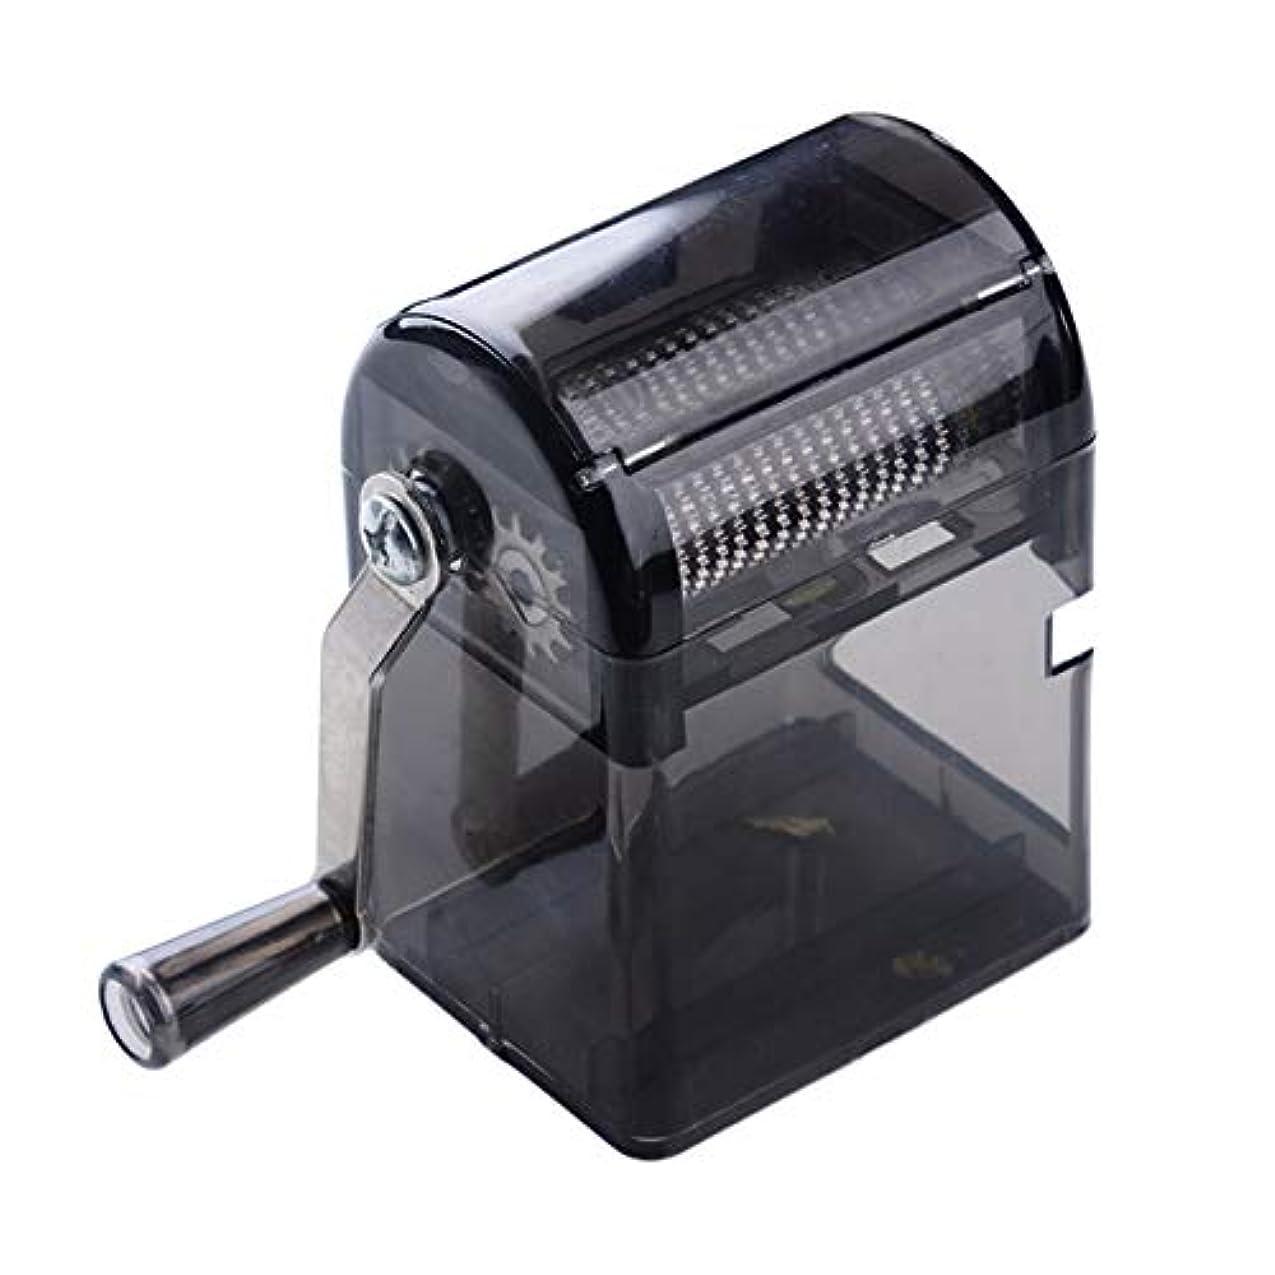 無駄アラブ印をつけるSaikogoods シンプルなデザイン手回しタバコグラインダー耐久性のある利用タバコハーブスパイスクラッシャーマニュアルミュラータバコ用品 黒